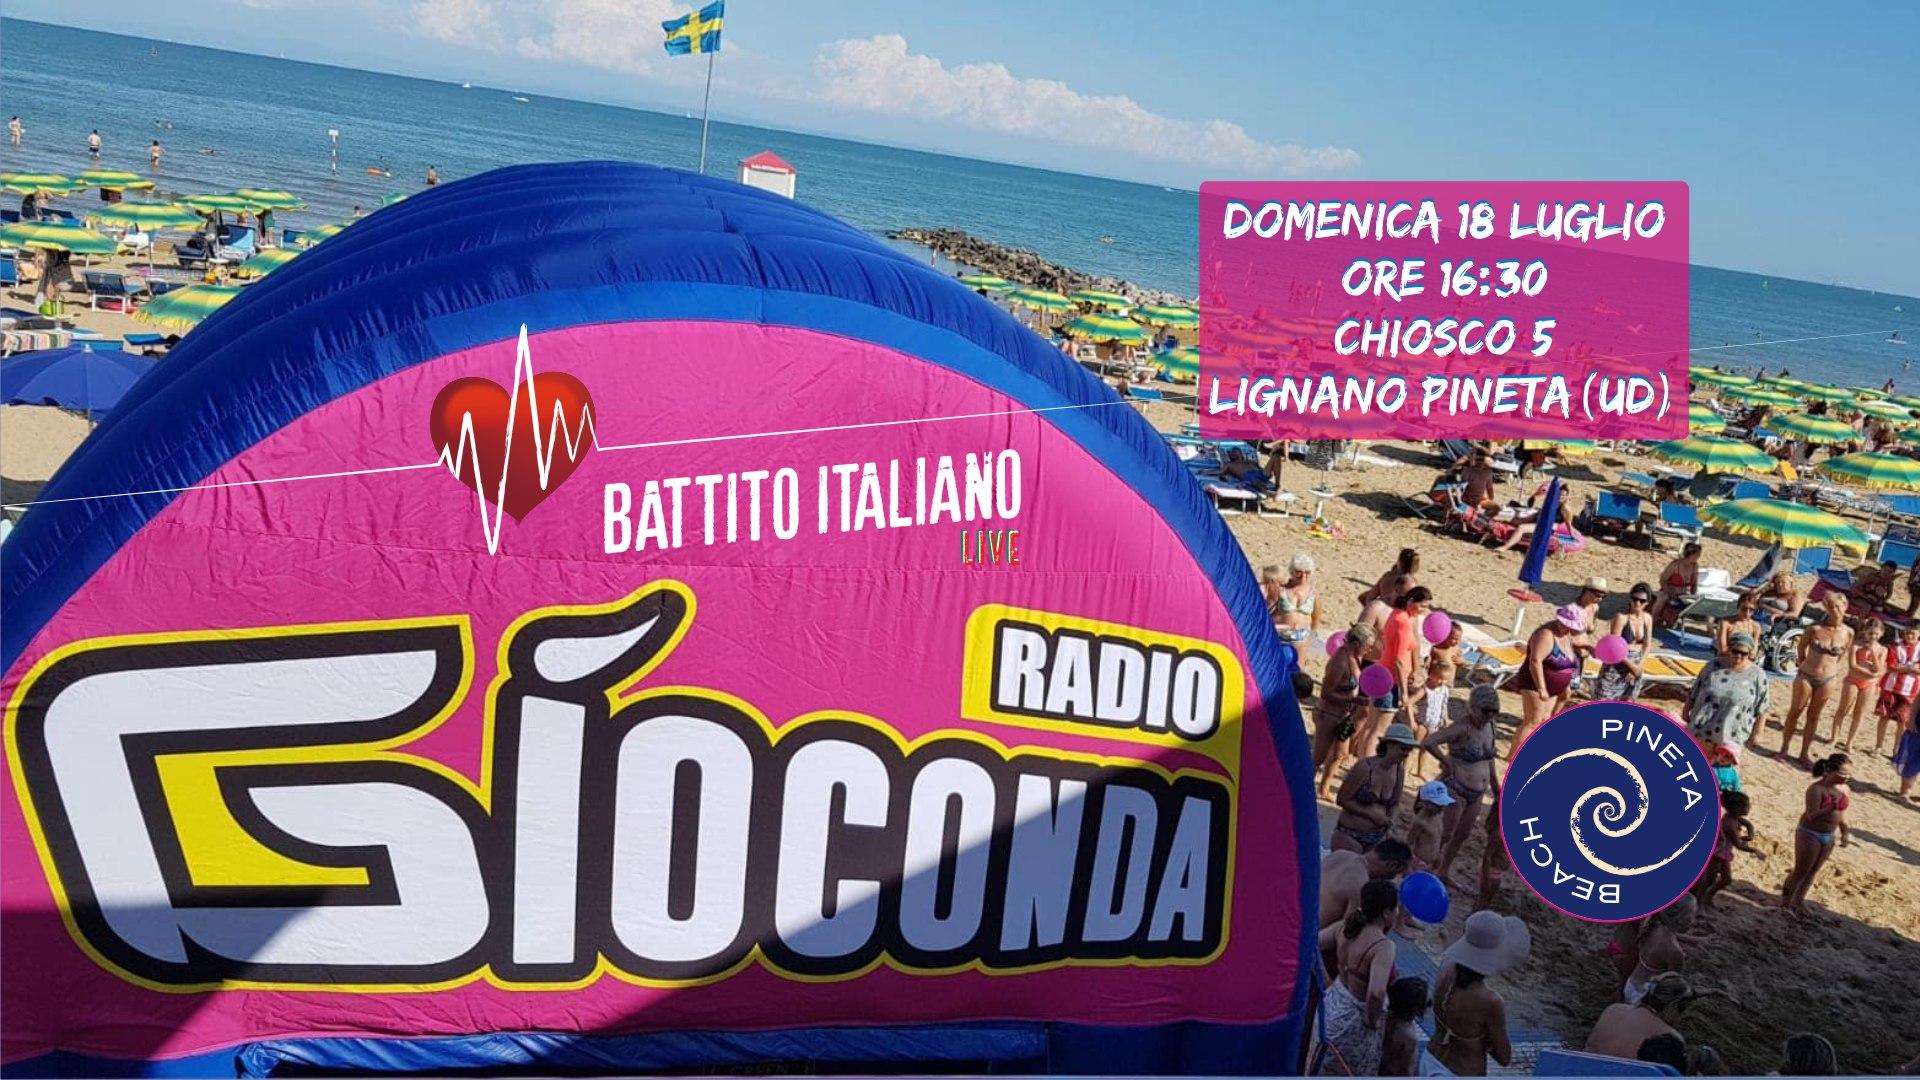 Domenica pomeriggio 18 luglio dalle 16:30 dal Chiosco 5 di Lignano Pineta pulsa il cuore di Battito Italiano LIVE!!!